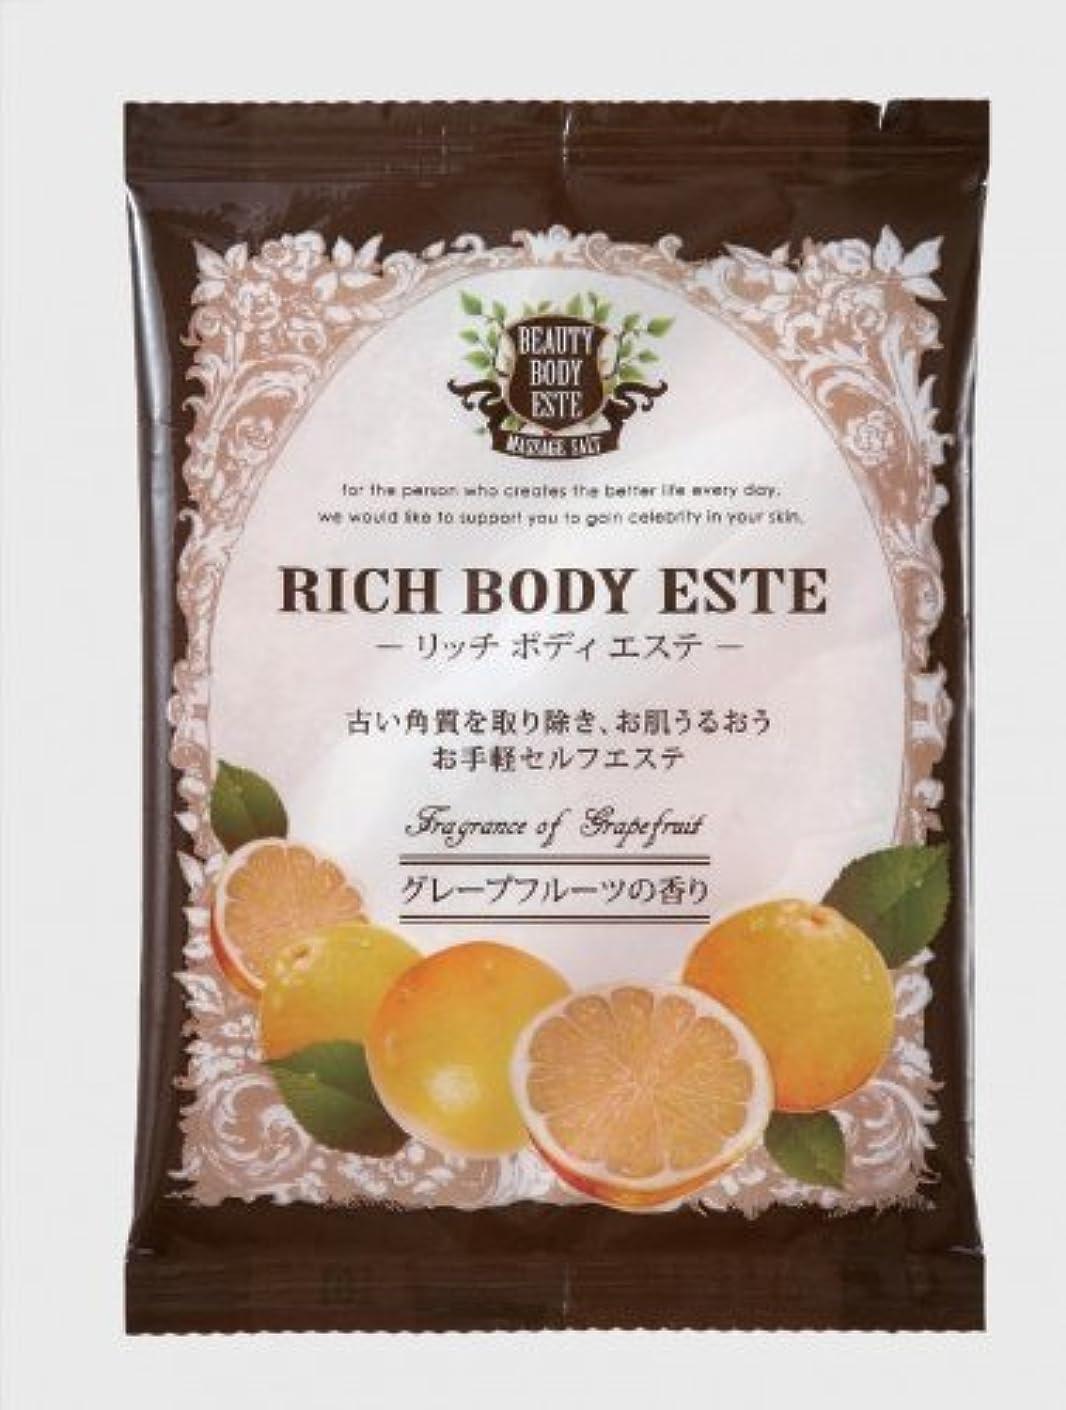 罰おかしい財団リッチボディエステ マッサージソルト(グレープフルーツの香り)50g (フラワー系)